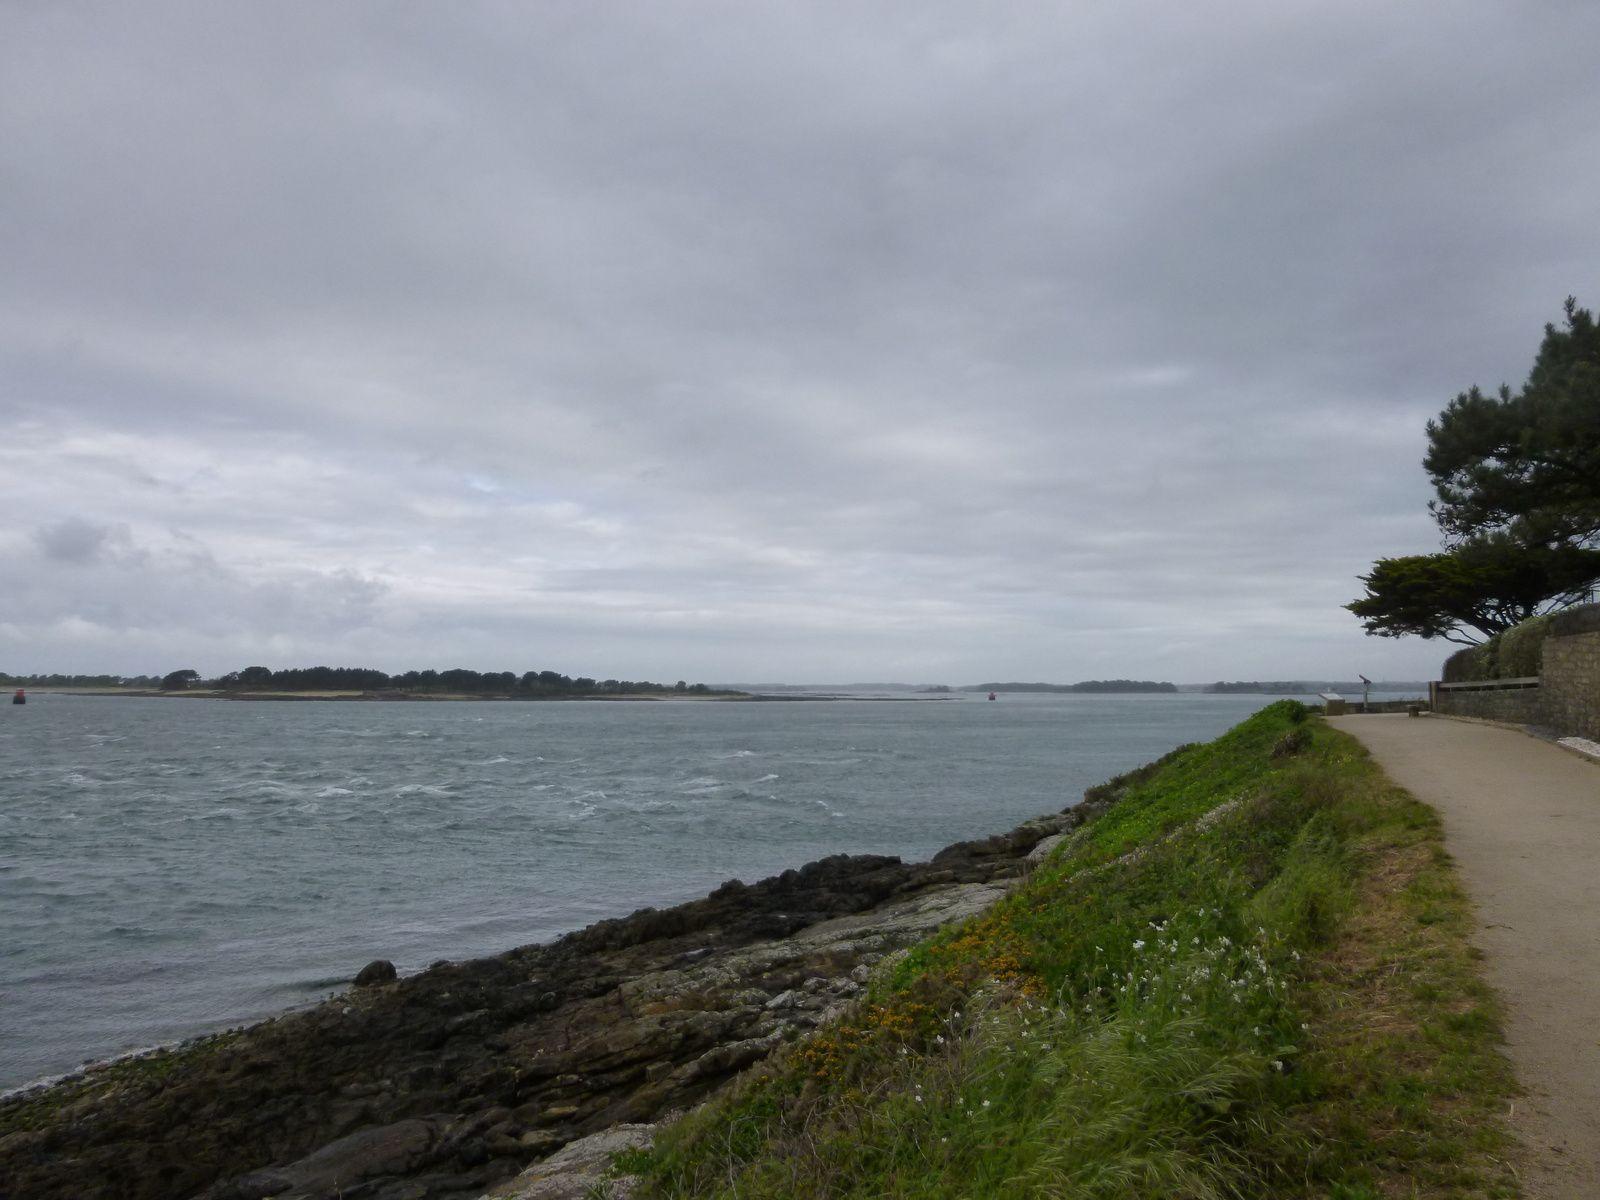 Départ du Tour, Tombe du Petit Mousse, Entrée du Golfe Locmariaquer/Port-Navalo